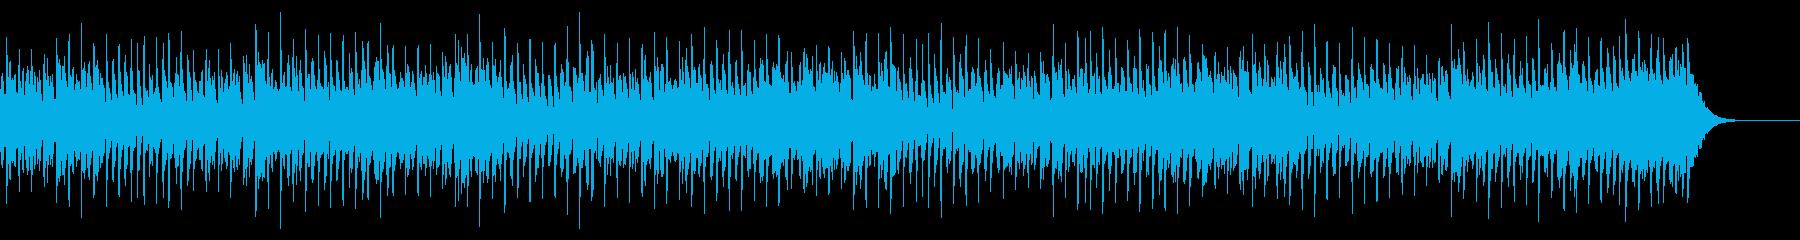 プロダクトムービー用 淡々と繰り返し2の再生済みの波形